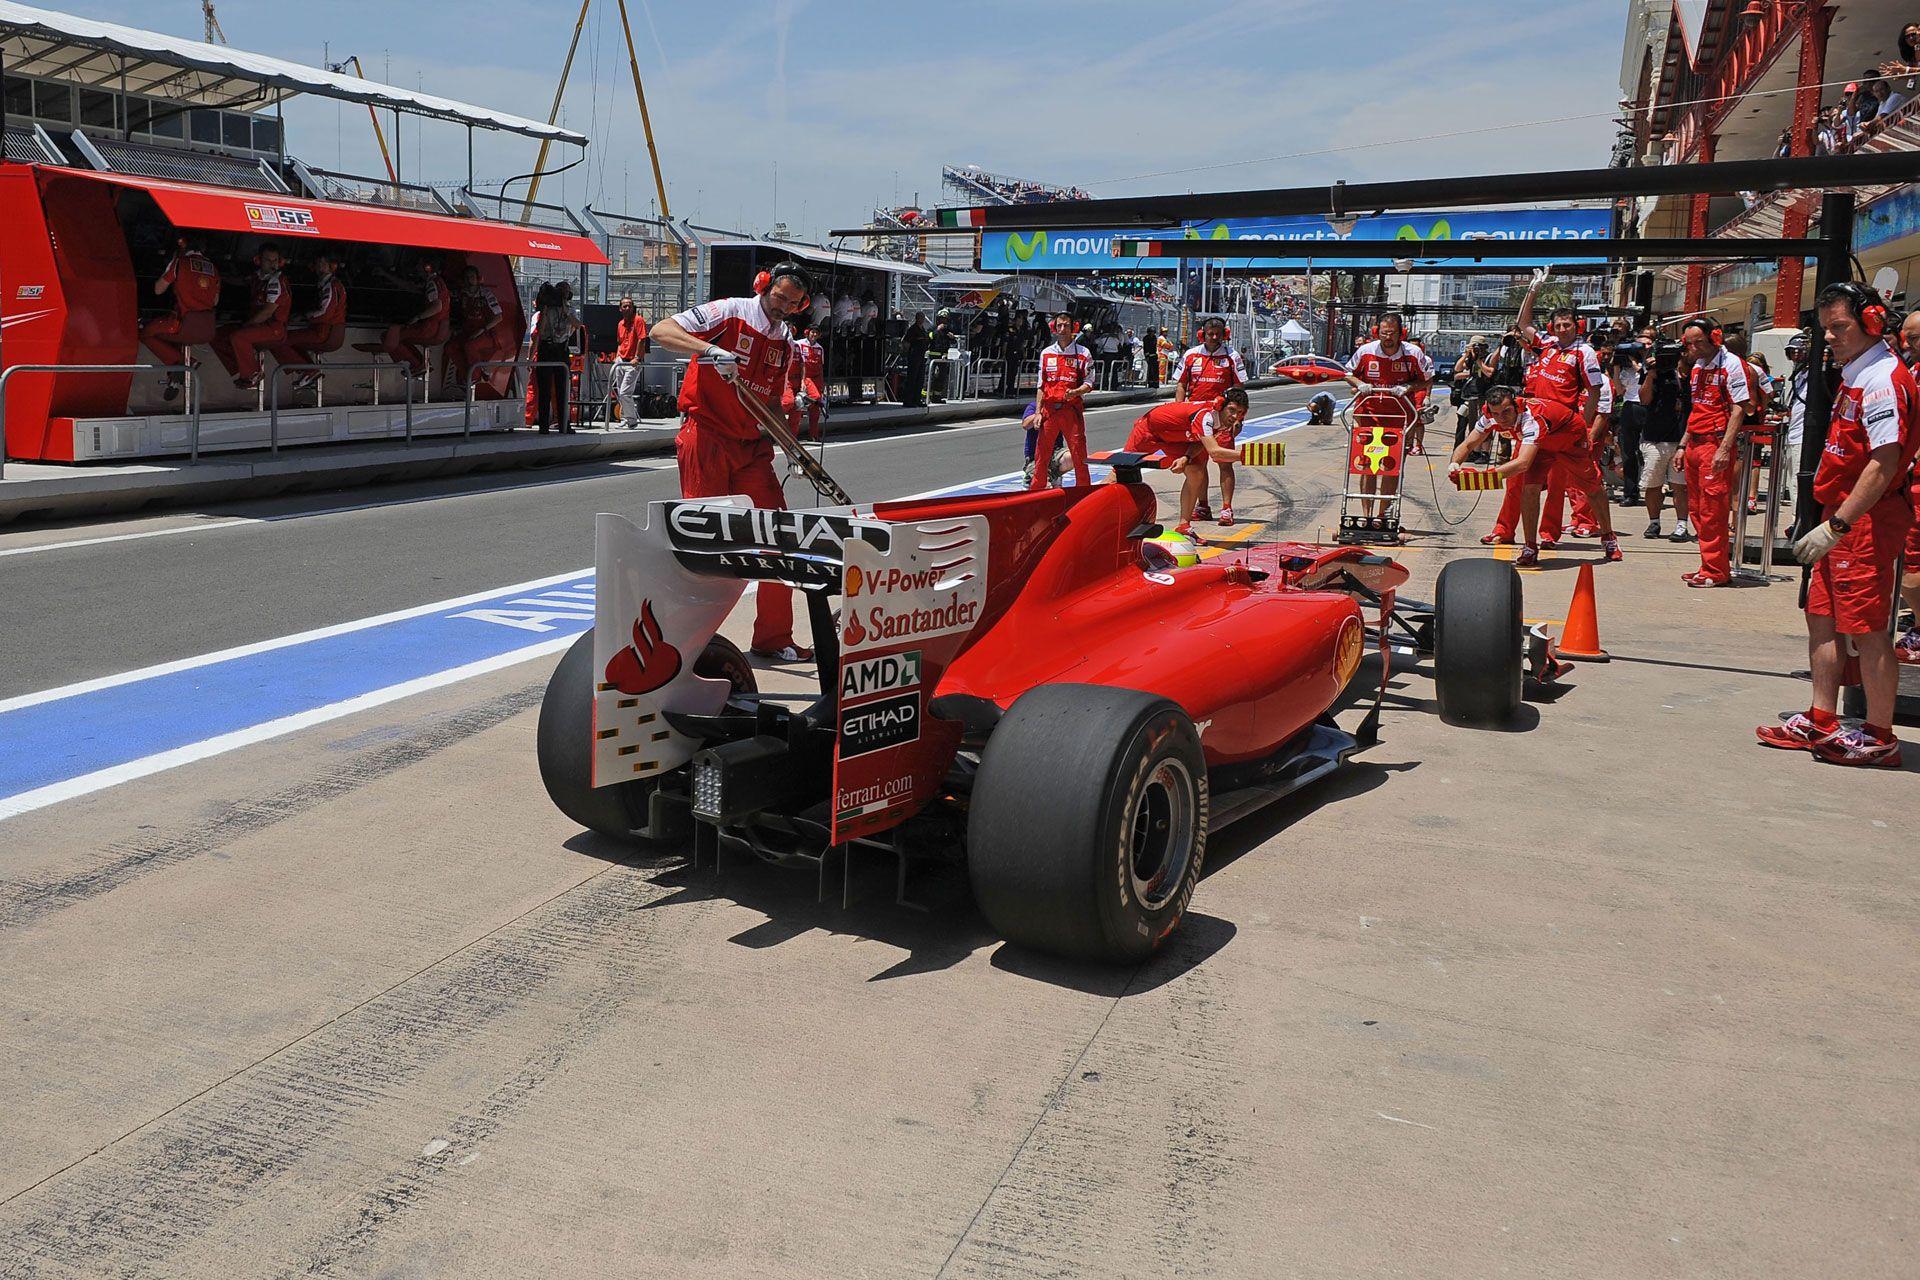 Valencia Grand prix, Grands, Racing